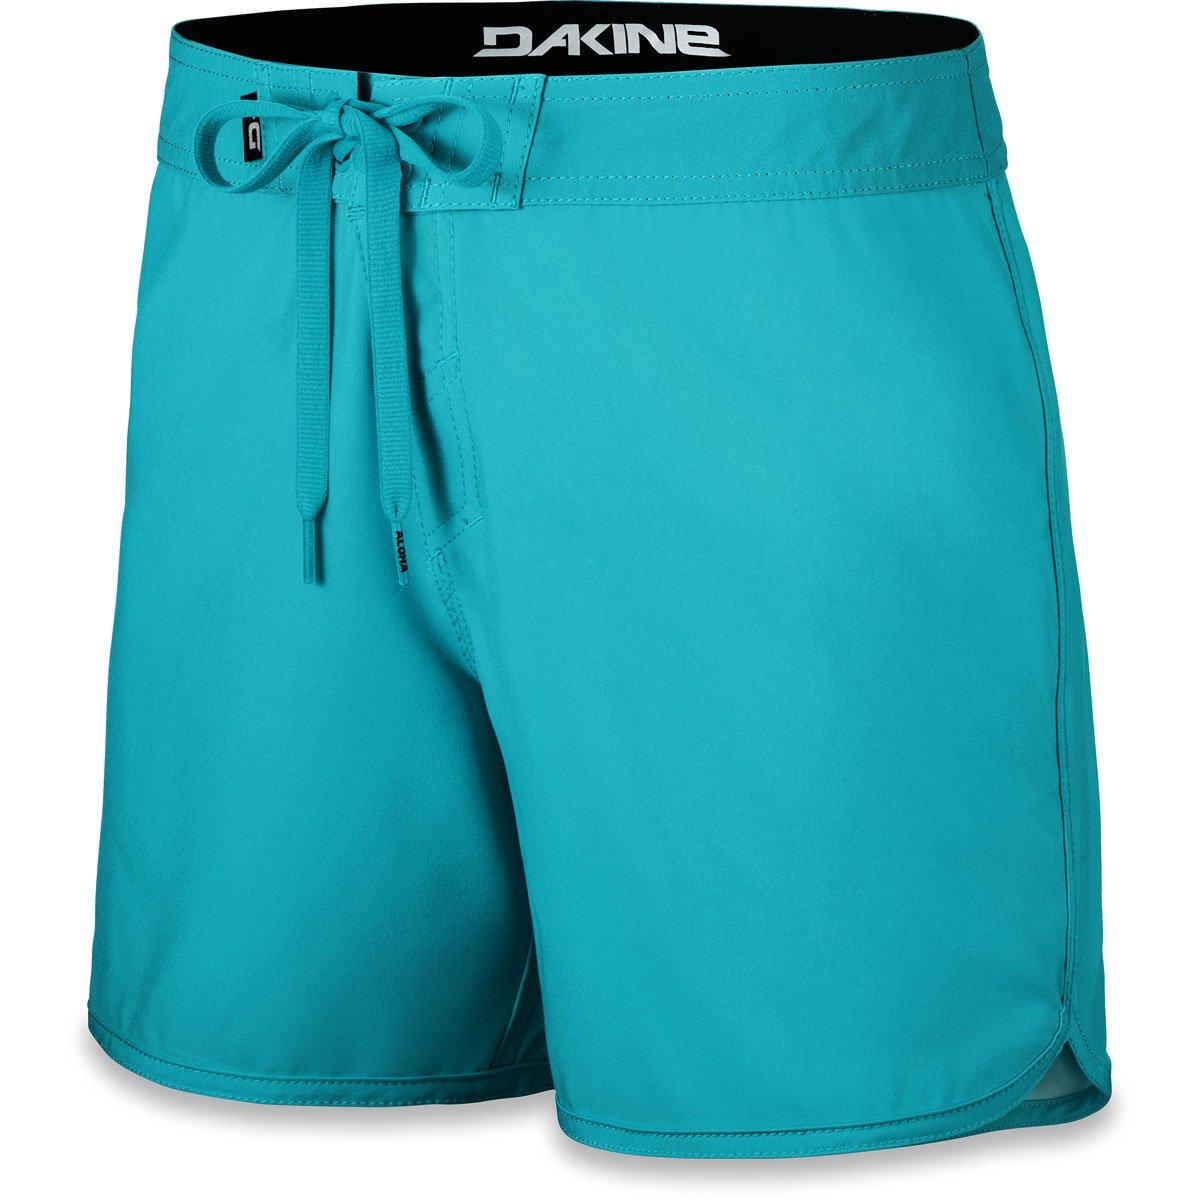 Dakine Women's Freeride 5 Boardshorts